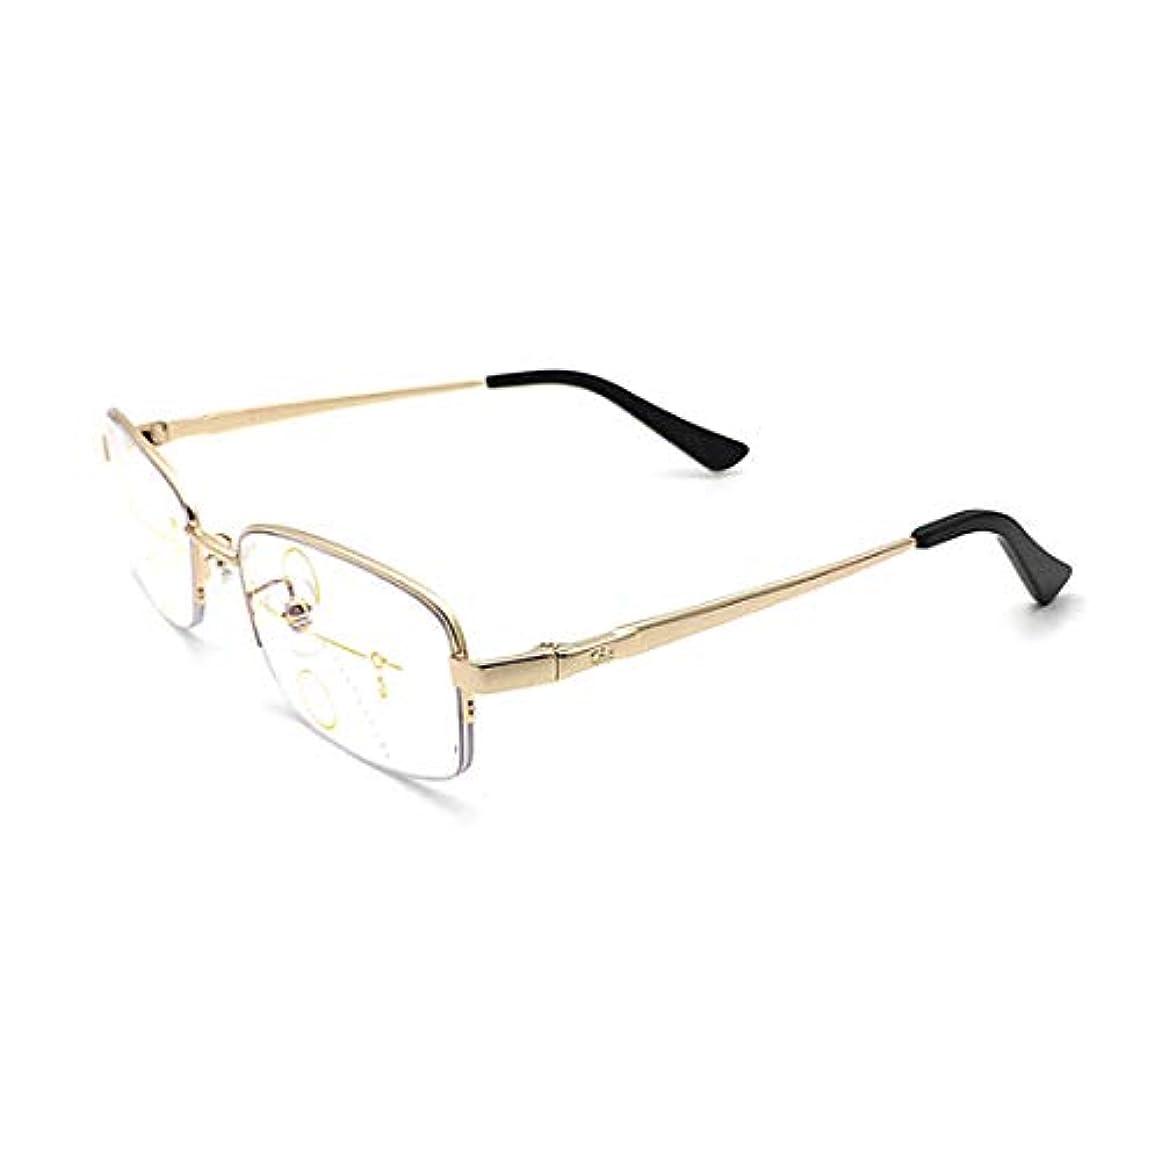 プログレッシブ多焦点インテリジェント老眼鏡、遠近両用、放射線防護、紫外線防護、女性と男性用